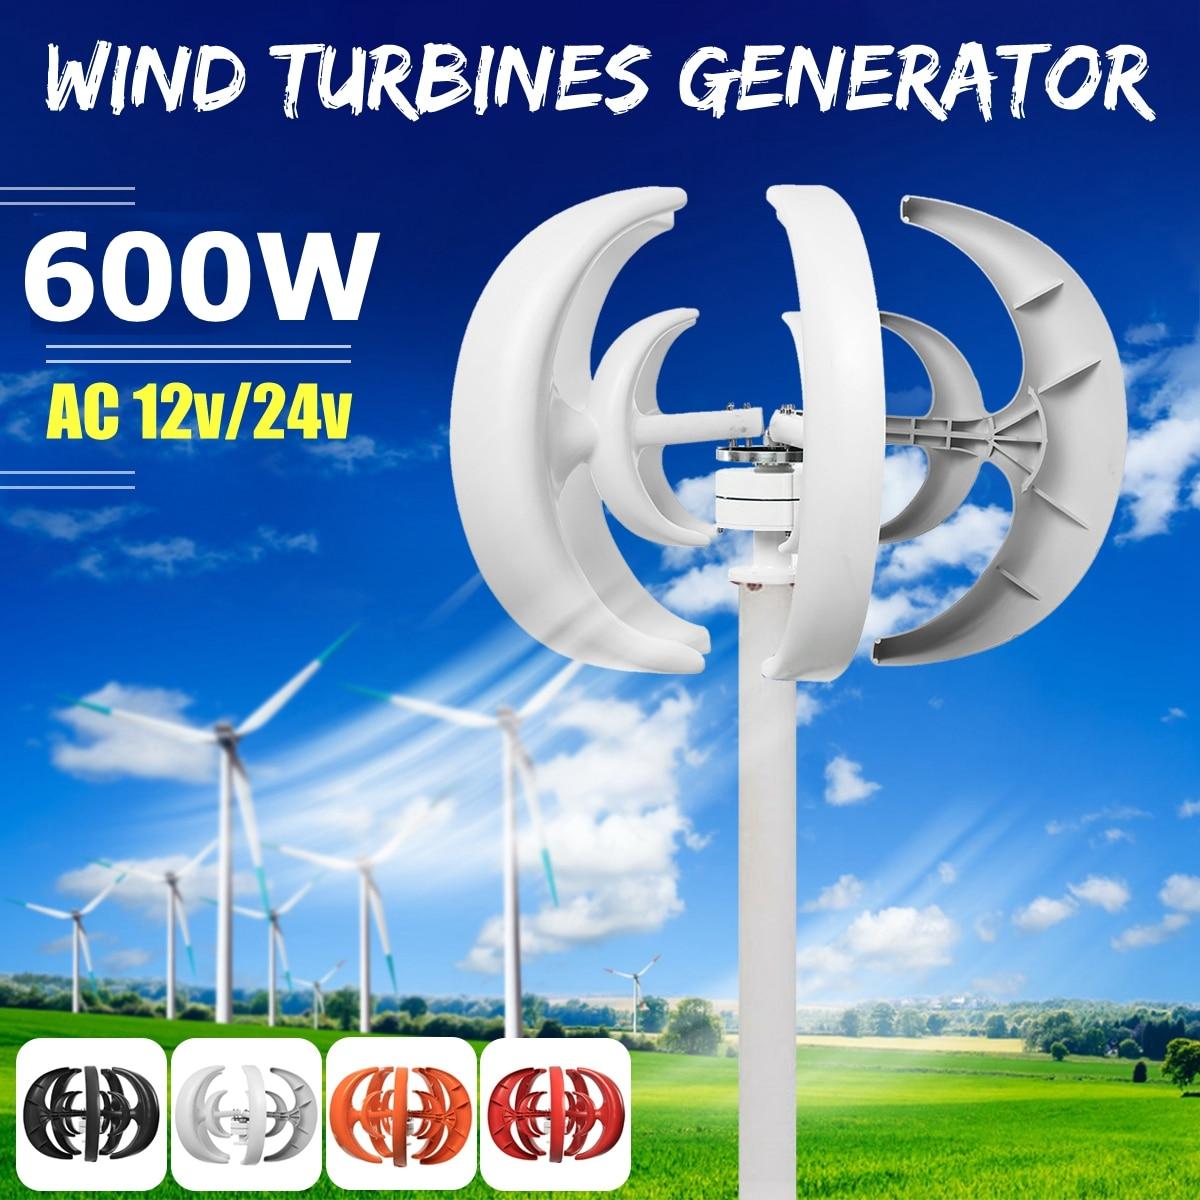 Max 600 w AC 12 v 24 v Vent Turbine Générateur Lanterne 5 Lames Moteur Kit Axe Vertical Pour La Maison hybride Lampadaire Utiliser